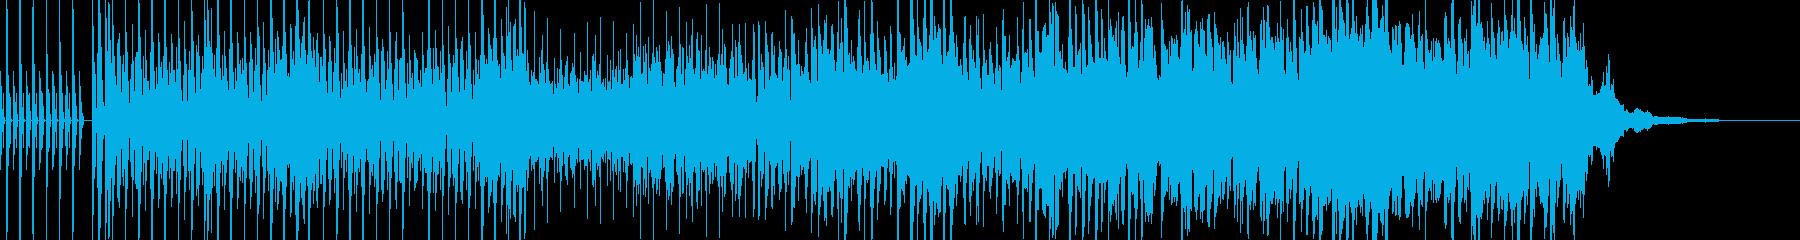 エモーショナルなニュースBGMの再生済みの波形